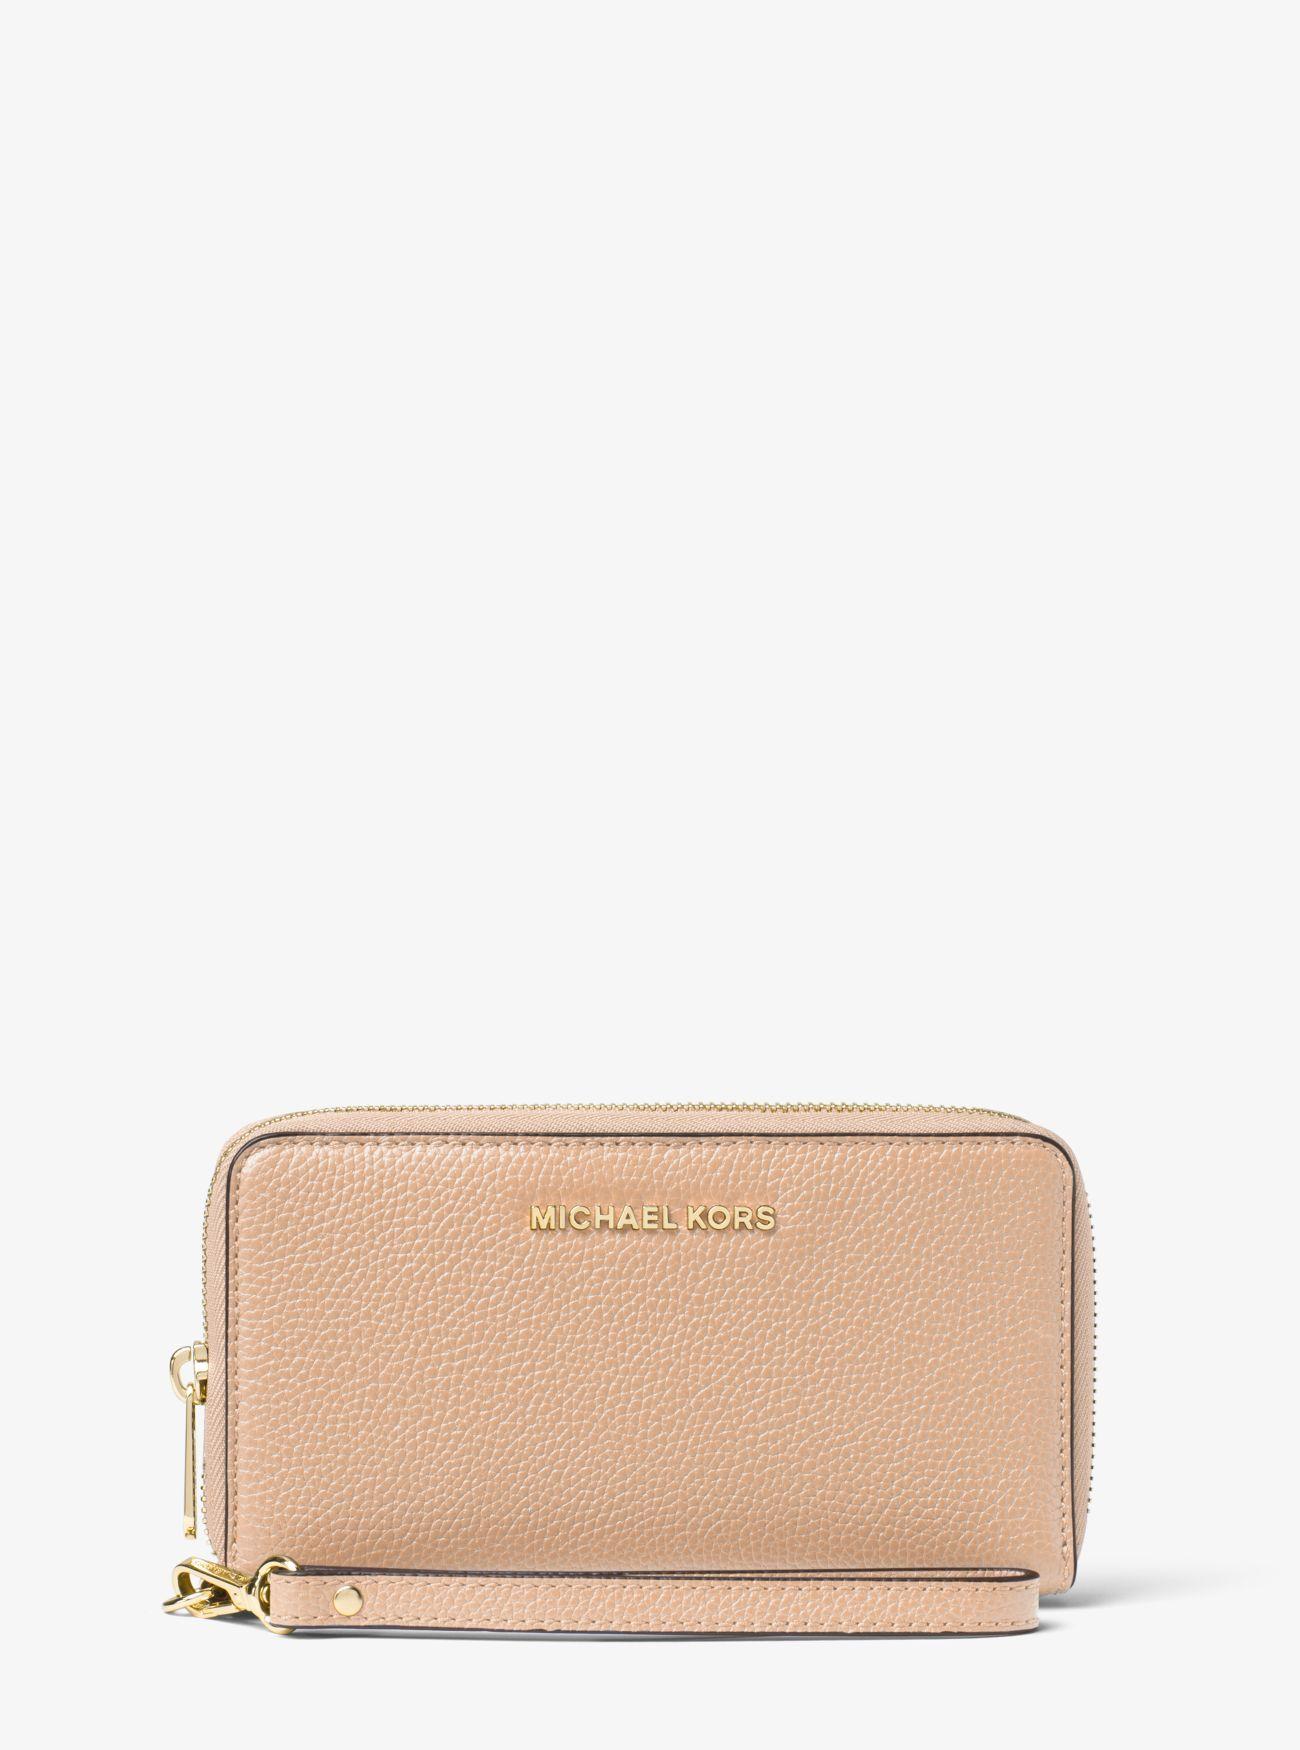 a463a3e403ef Mercer Large Leather Smartphone Wristlet | Wallets | Wristlet wallet ...